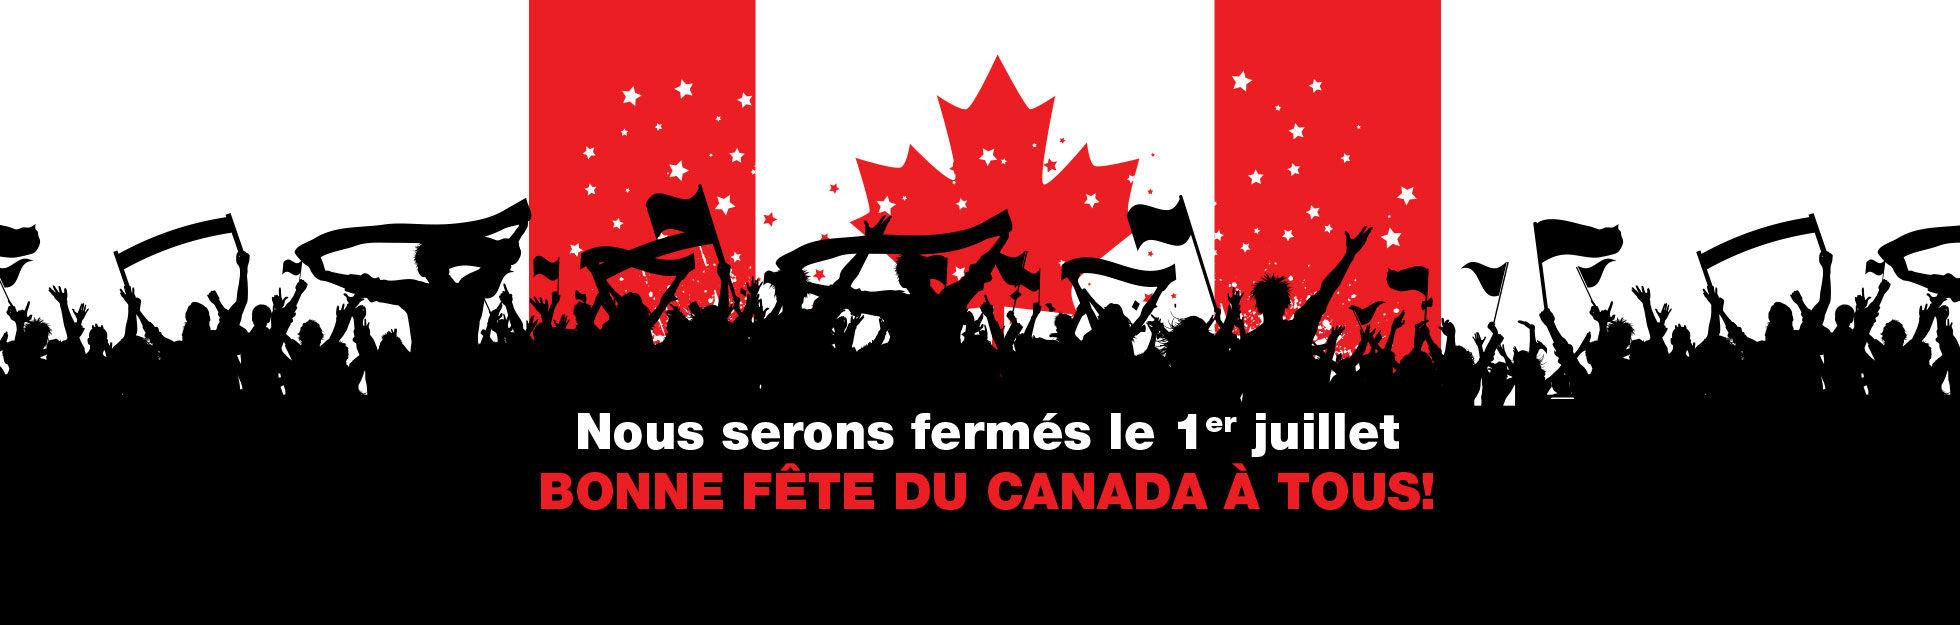 Fete du Canada